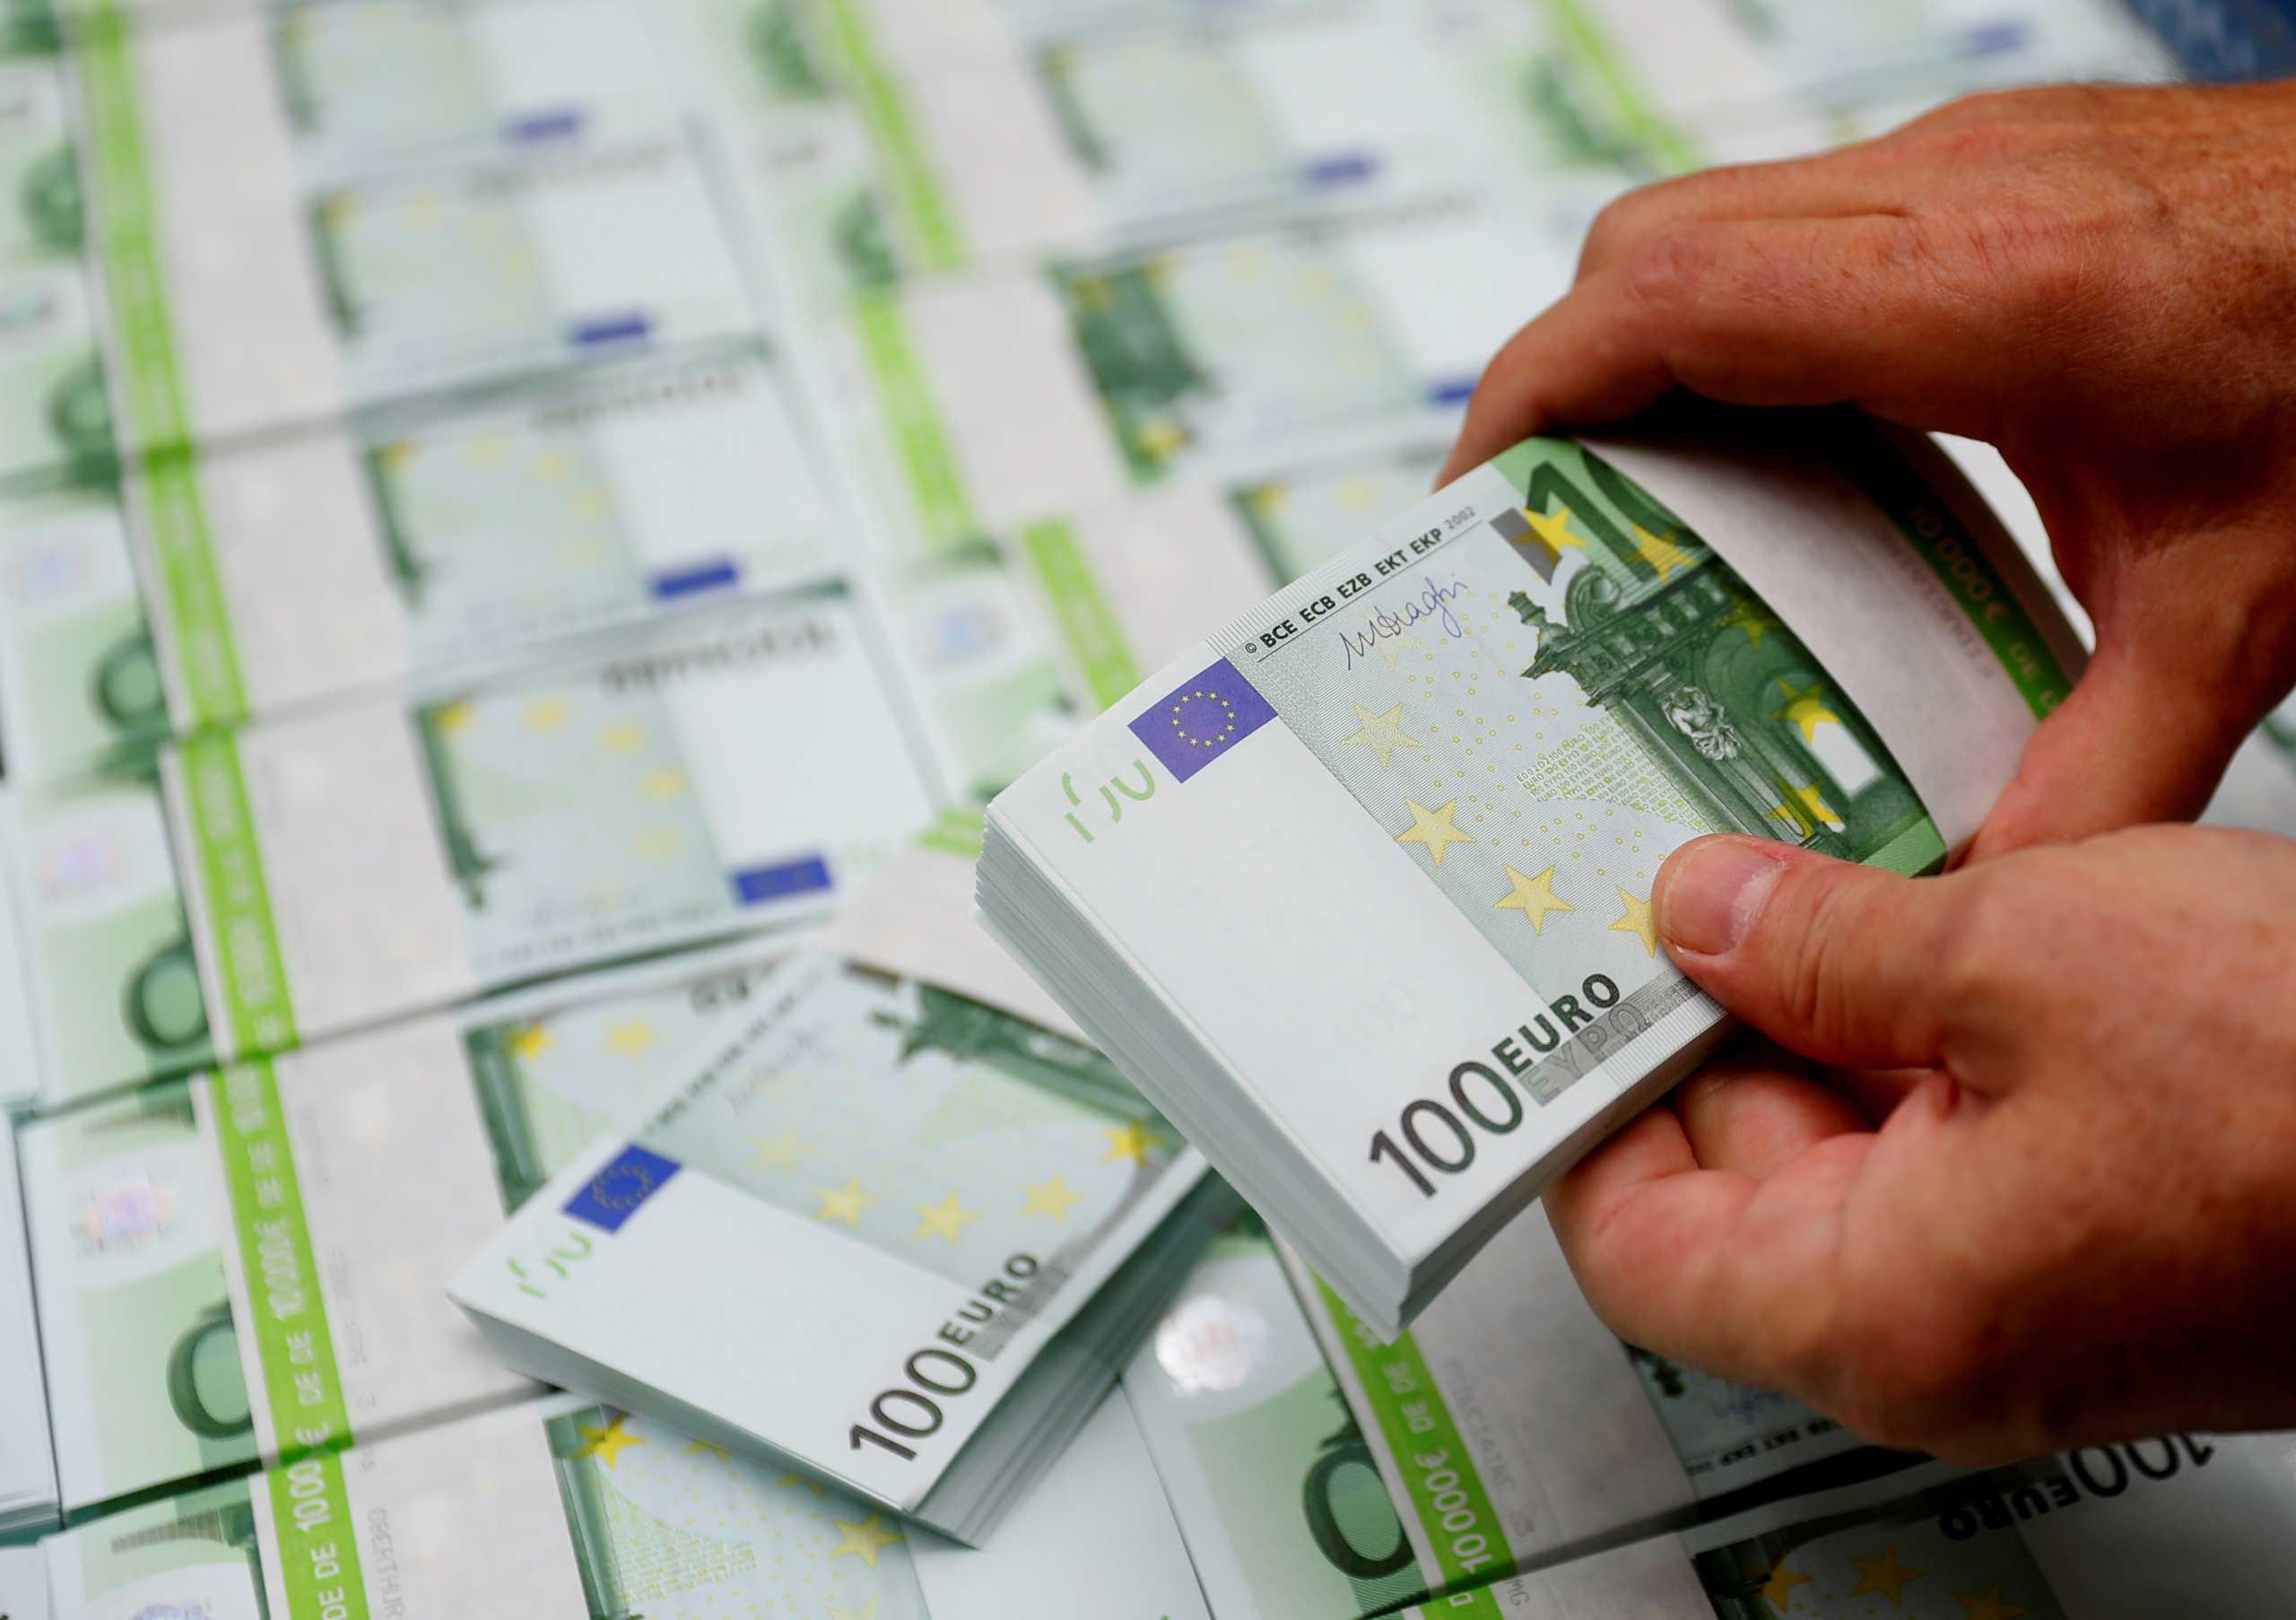 «Ξεκλειδώνει» το Ταμείο Ανάκαμψης: Πράσινο φως από το Συνταγματικό Δικαστήριο της Γερμανίας